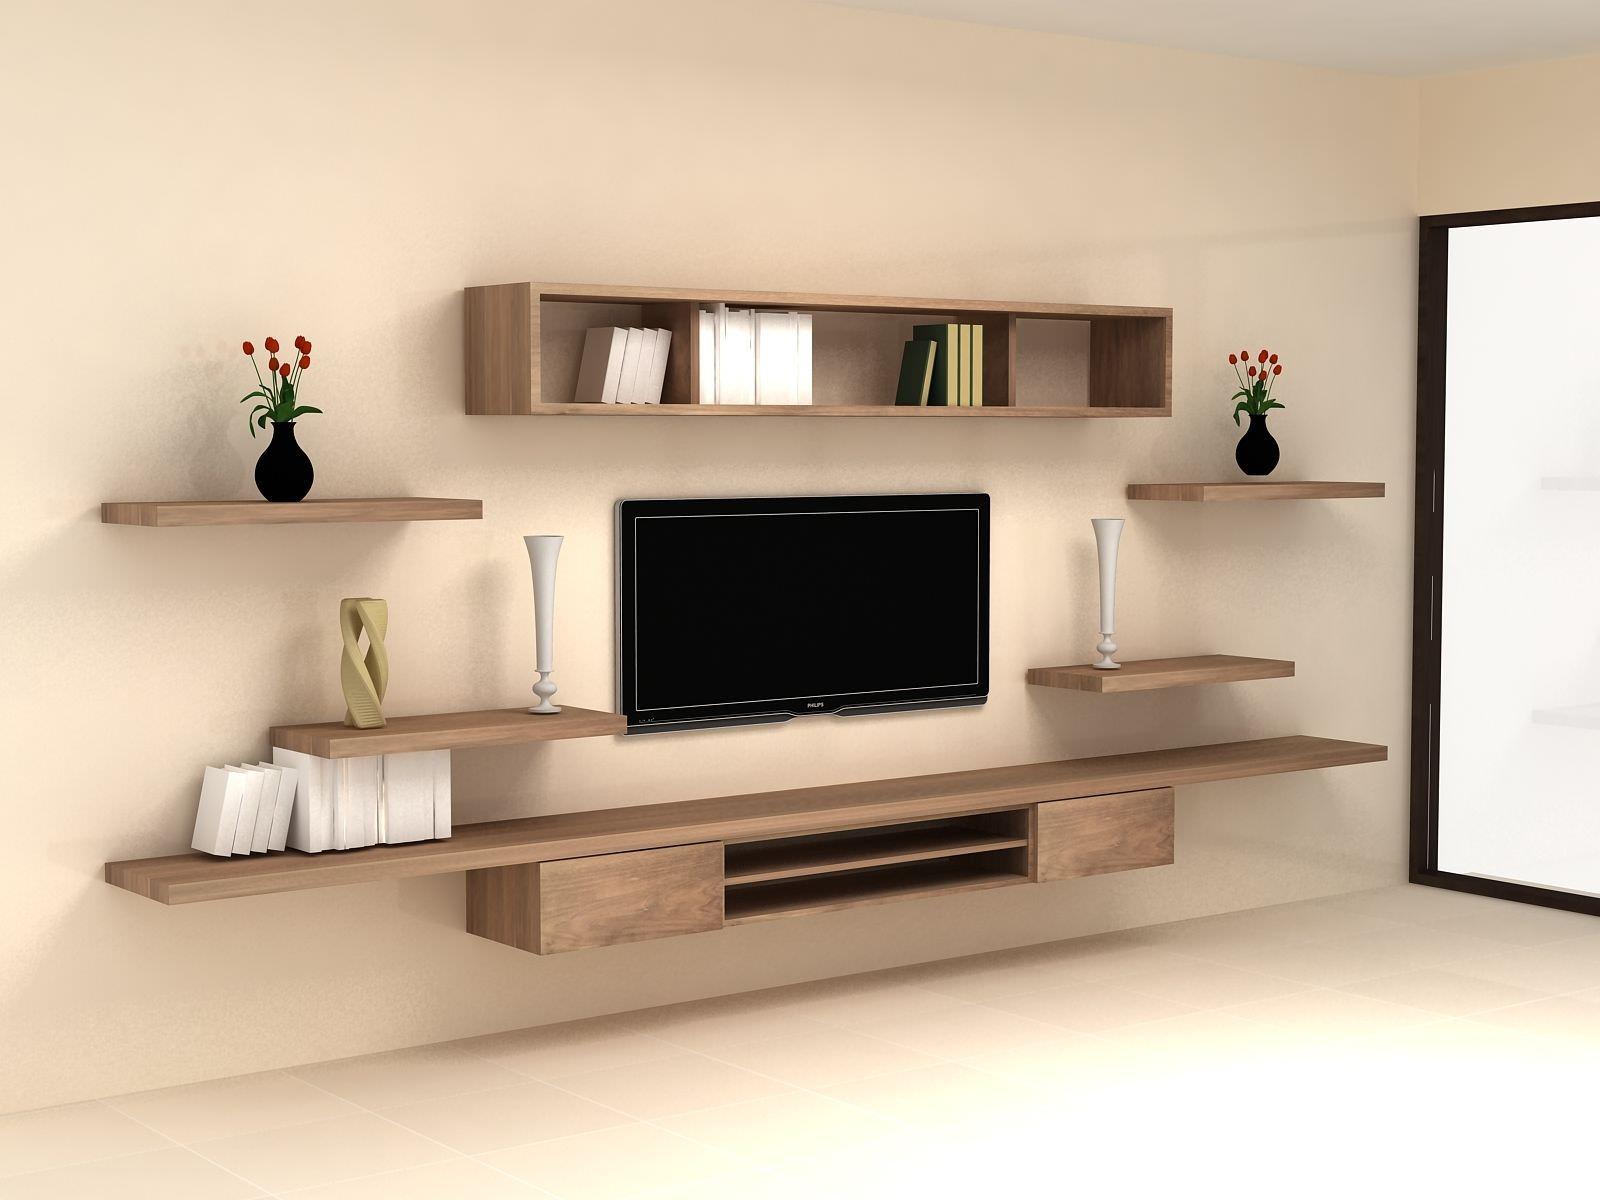 Kệ tivi treo tường kèm thanh kệ trang trí cho không gian thêm sinh động